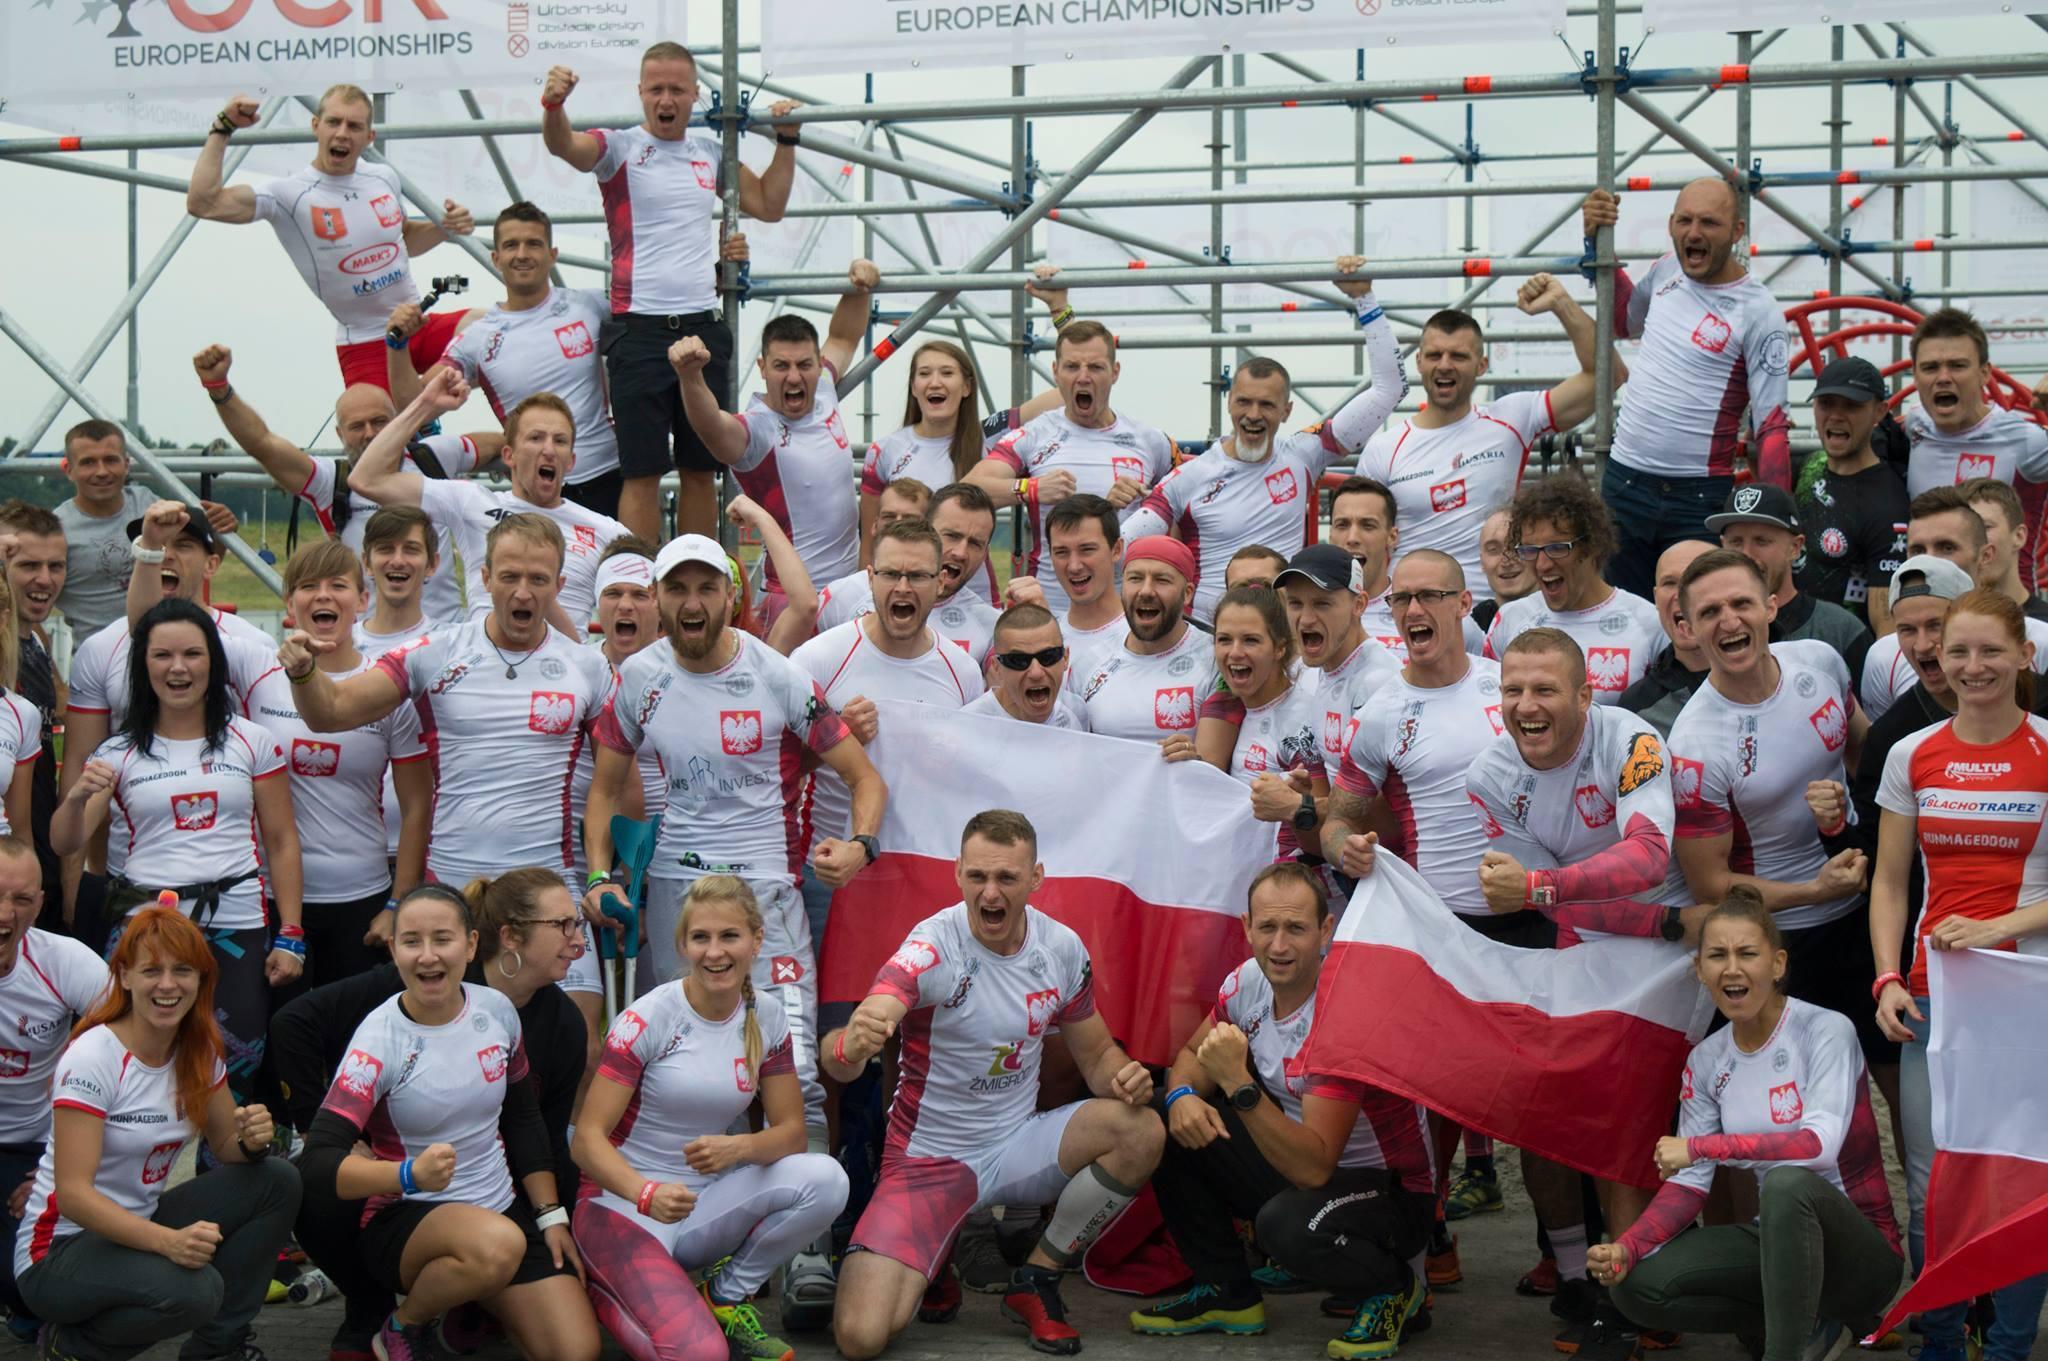 fot, facebook.com/OCR.Polska